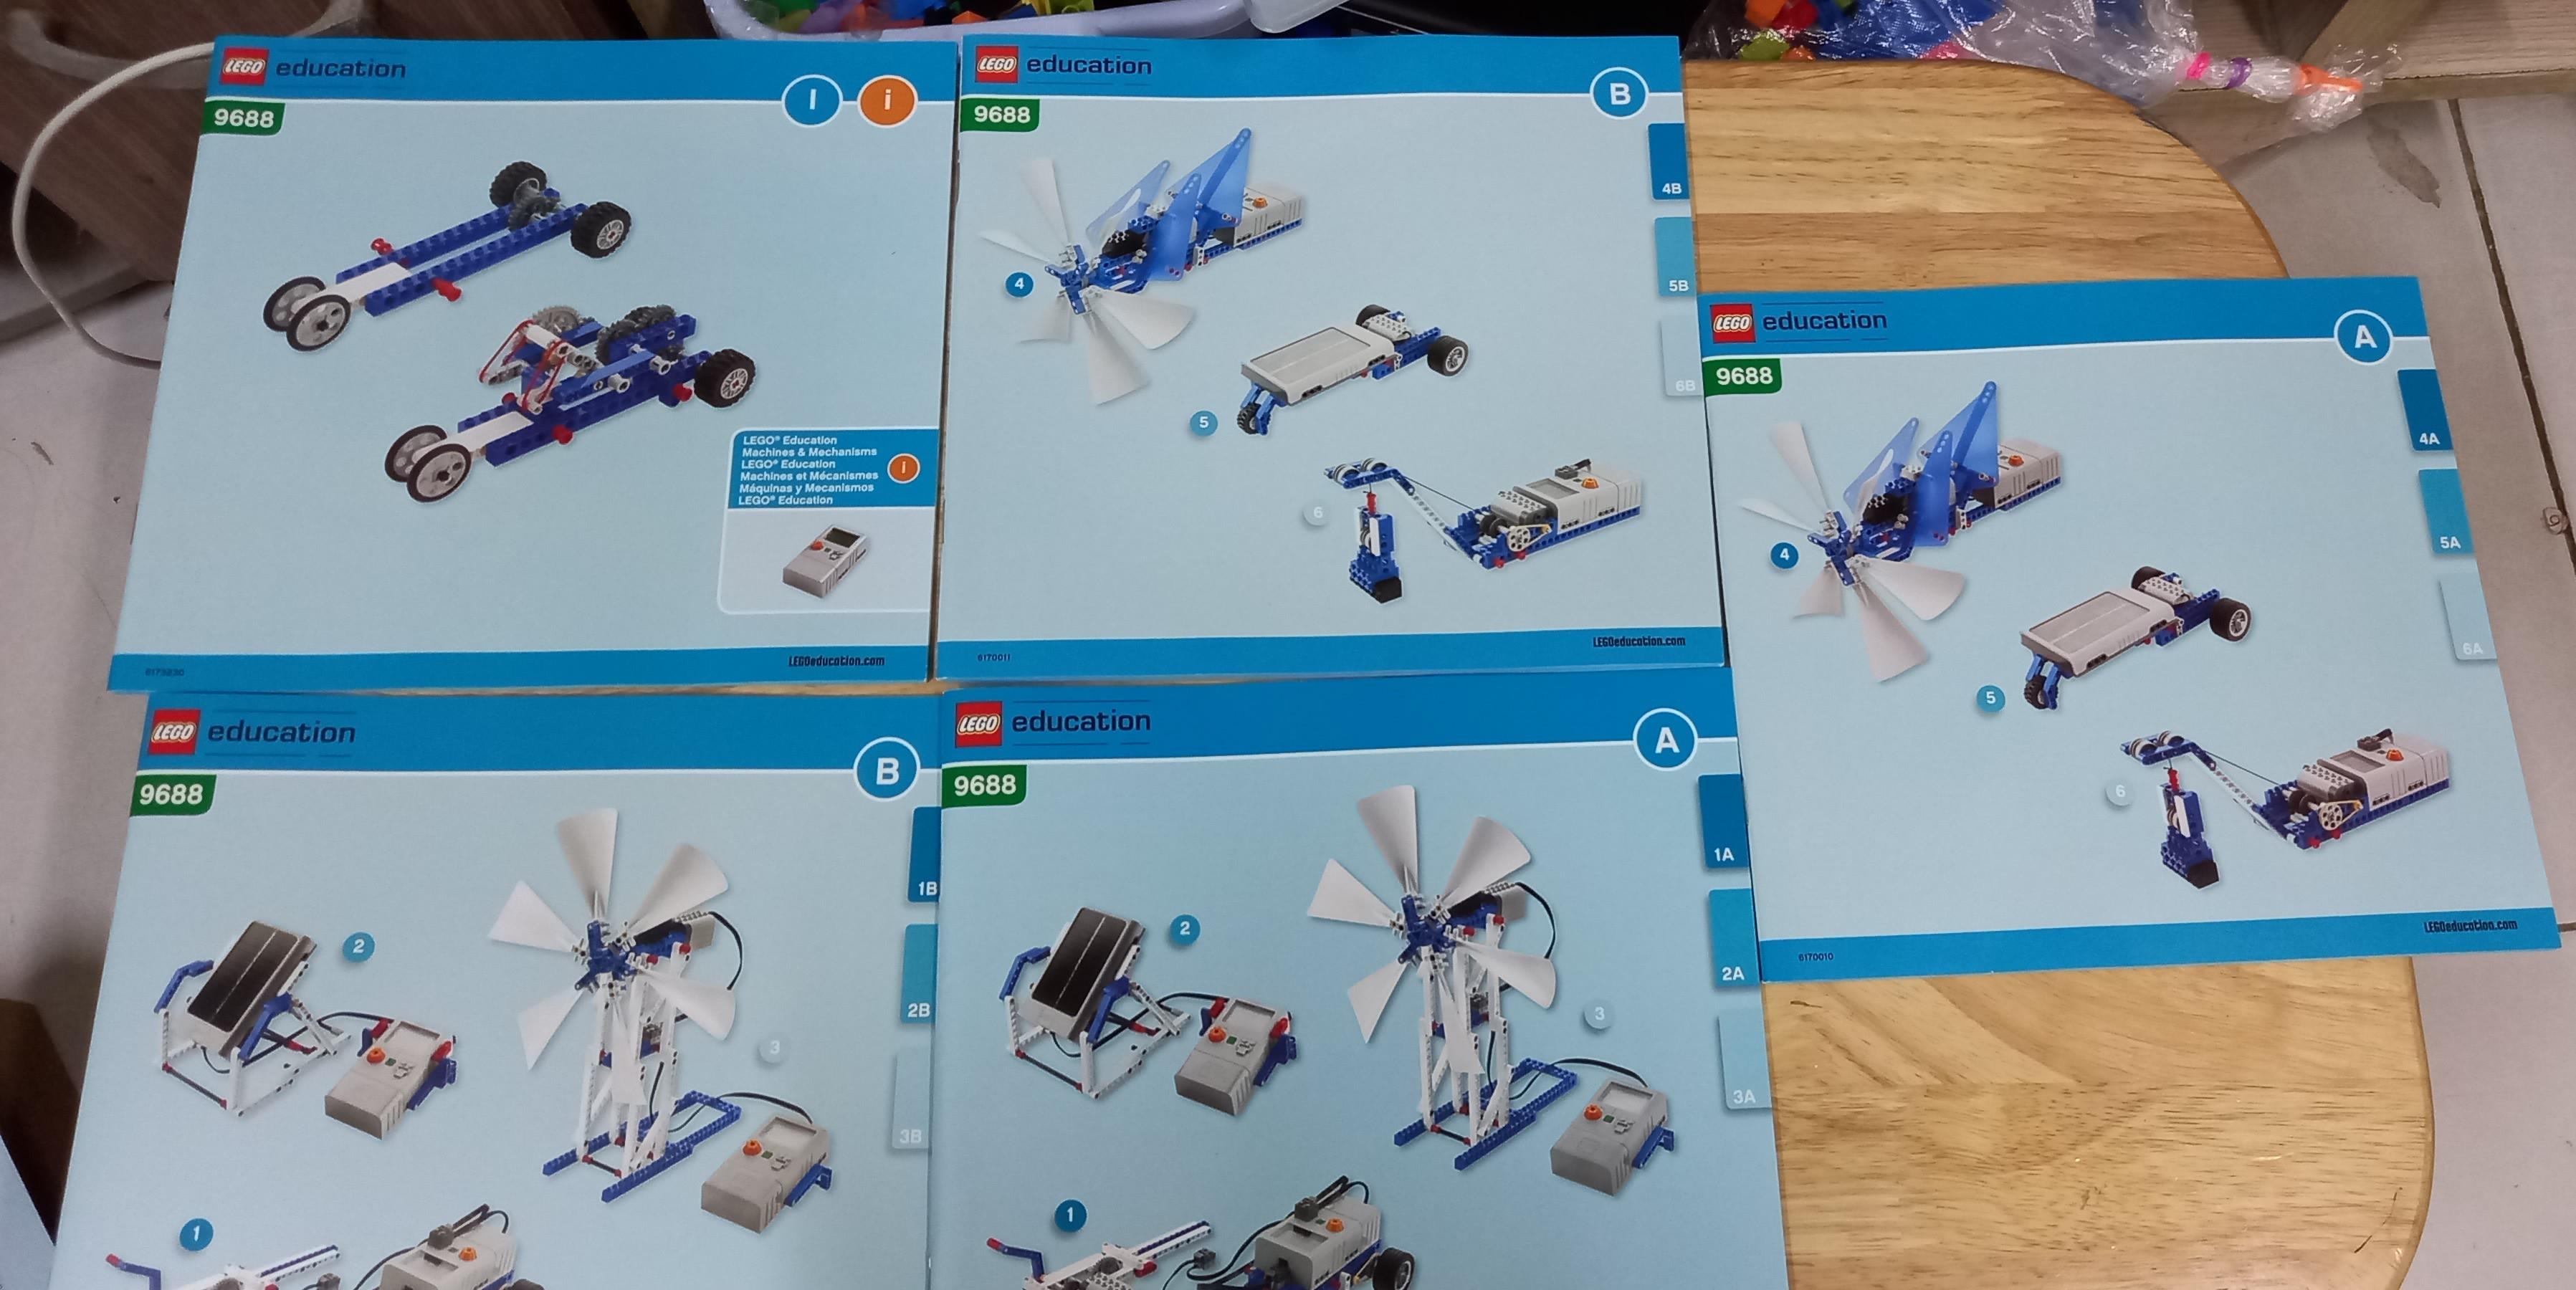 Bộ Lego Education 9688 Năng lượng tái tạo (bổ sung cho Lego 9686)